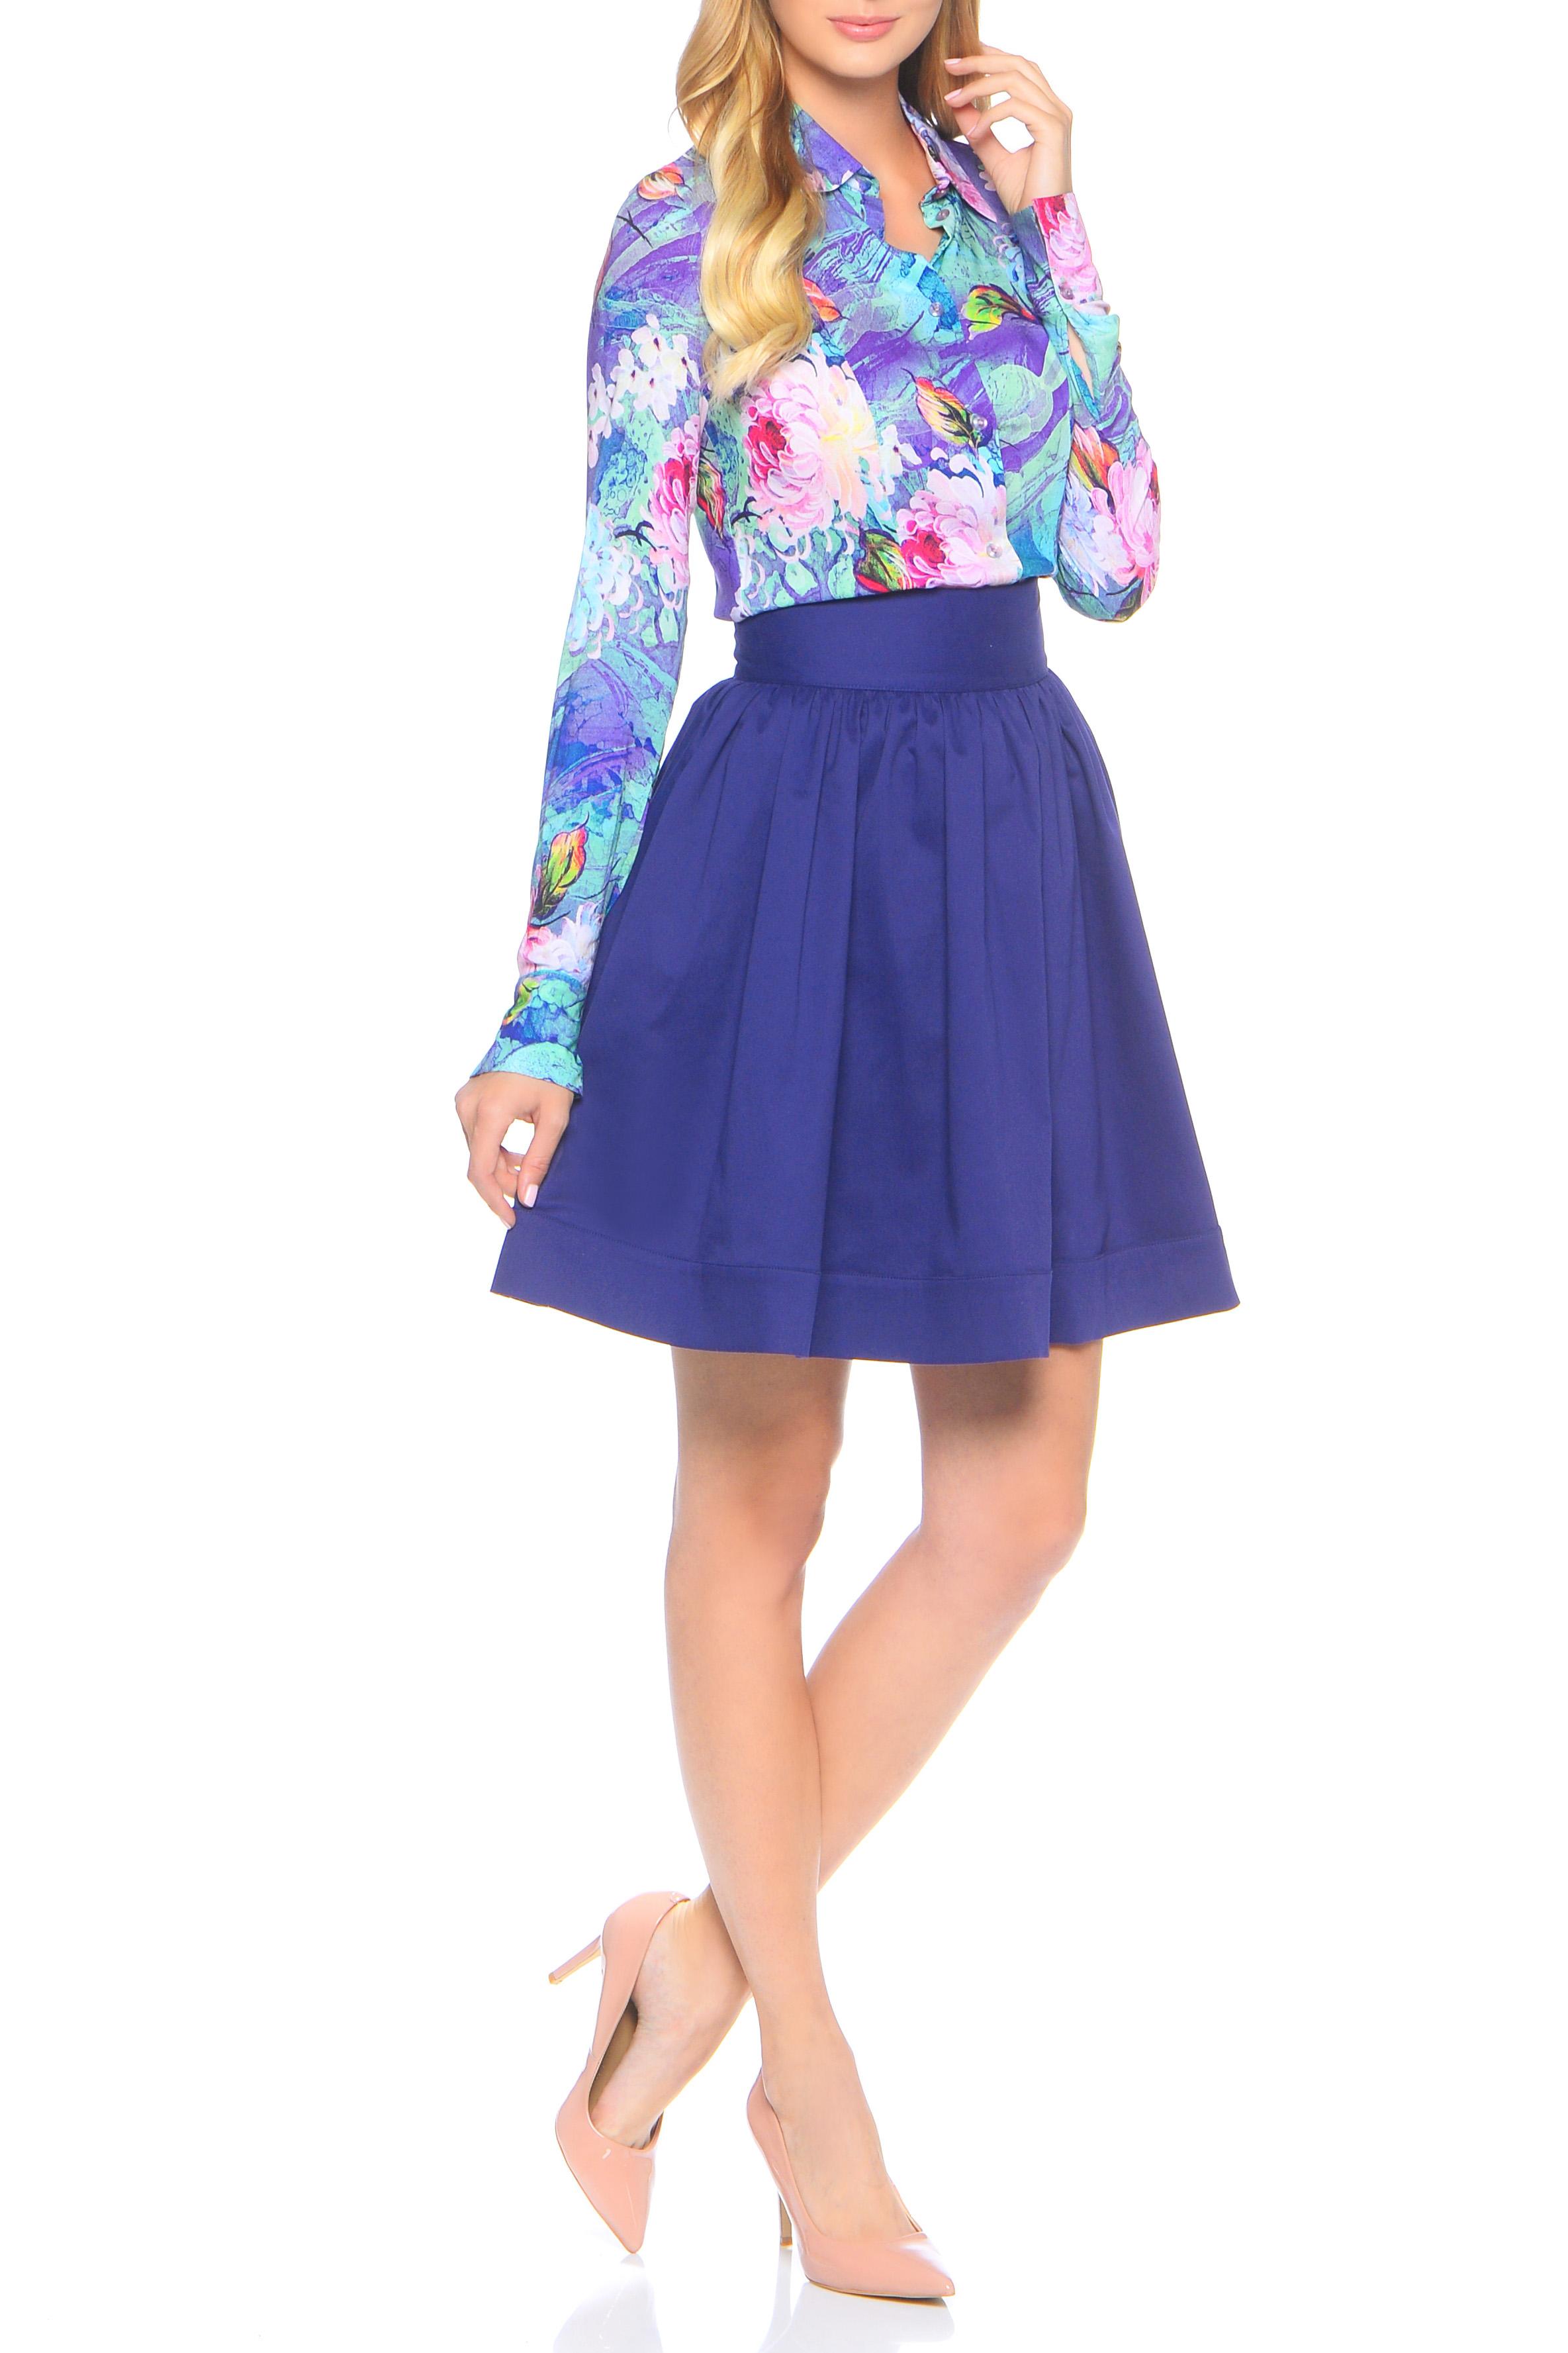 БлузкаБлузки<br>Блузка рубашка прилегающего силуэта из невероятно приятной к телу шелковистой блузочной вискозы. Вертикальный ряд пуговиц спереди, прямой воротник на стойке и длинный рукав с отложной манжетой, которая легко наращивает длину рукава при большом росте. Универсальная длина рубашки до бедра позволяет высоким девушкам носить ее на выпуск, а миниатюрным заправляя в брюки и юбку. Плюс - абстрактный цветочный принт, который позволяет комплектовать блузку с любыми базовыми вещами гардероба, вне зависимости от сезона. Блуза облегающего силуэта.   Ростовка изделия 170 см.  В изделии использованы цвета: голубой, сиреневый и др.  Параметры размеров: 42 размер соответствует обхвату груди 80 см;  44 размер соответствует обхвату груди 84 см;  46 размер соответствует обхвату груди 88 см;  48 размер соответствует обхвату груди 92 см;  50 размер соответствует обхвату груди 98 см;  52 размер соответствует обхвату груди 100 см;  54 размер соответствует обхвату груди 100 см.<br><br>Горловина: Фигурная горловина<br>Застежка: С пуговицами<br>По материалу: Вискоза,Тканевые<br>По рисунку: Растительные мотивы,С принтом,Цветные,Цветочные<br>По сезону: Весна,Зима,Лето,Осень,Всесезон<br>По силуэту: Прямые<br>По стилю: Повседневный стиль<br>По элементам: С манжетами<br>Рукав: Длинный рукав<br>Размер : 42,44,46,48,50,54<br>Материал: Вискоза<br>Количество в наличии: 6